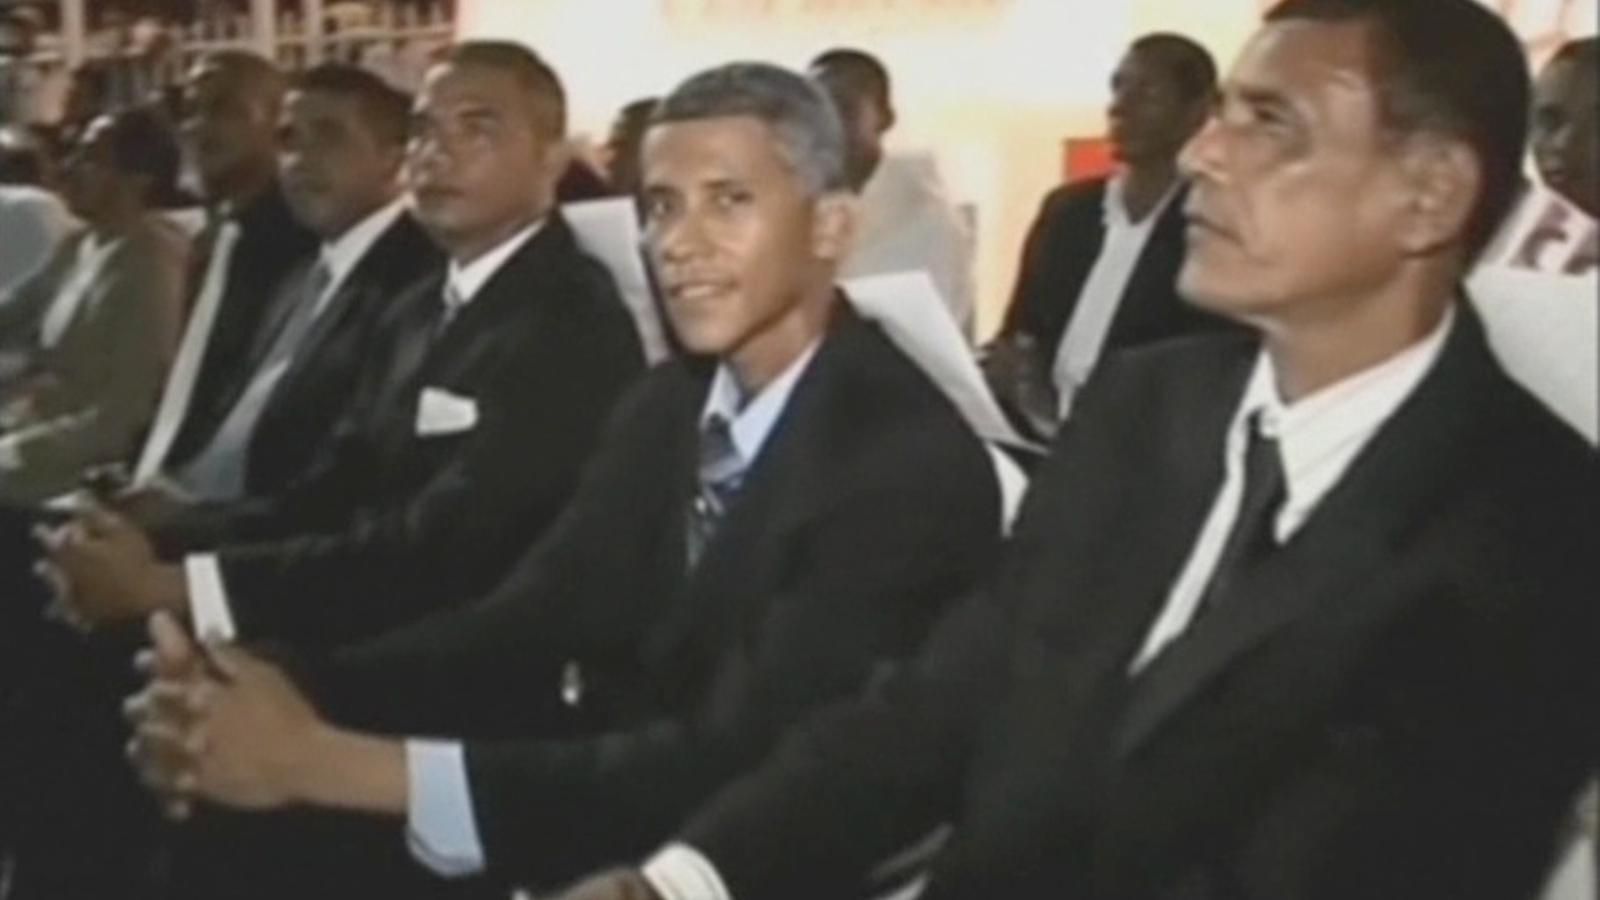 Concurs de dobles d'Obama a Colòmbia